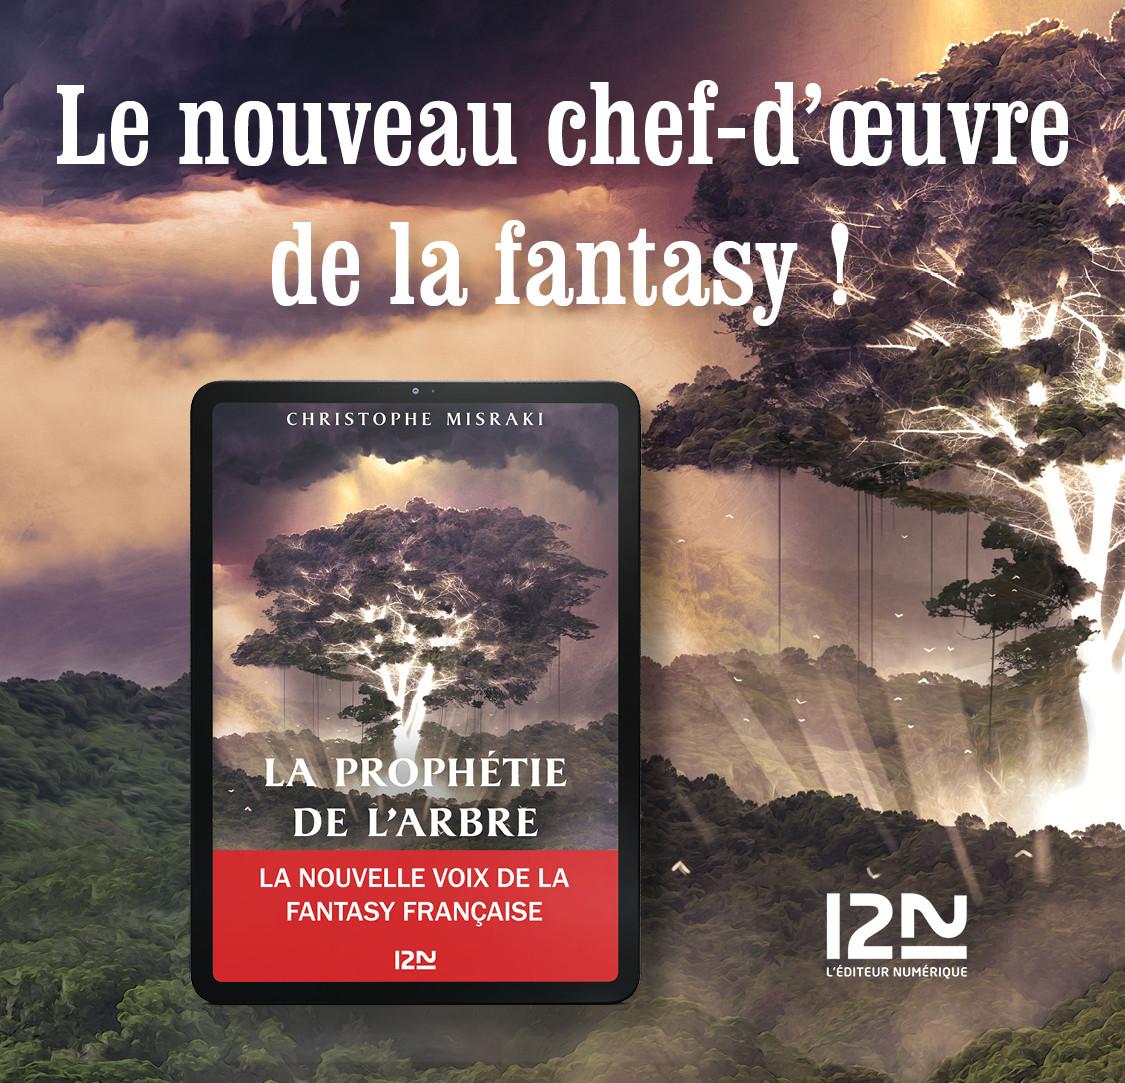 6400_1_La_Prophetie_de_larbre_1221_-_540x520.jpg